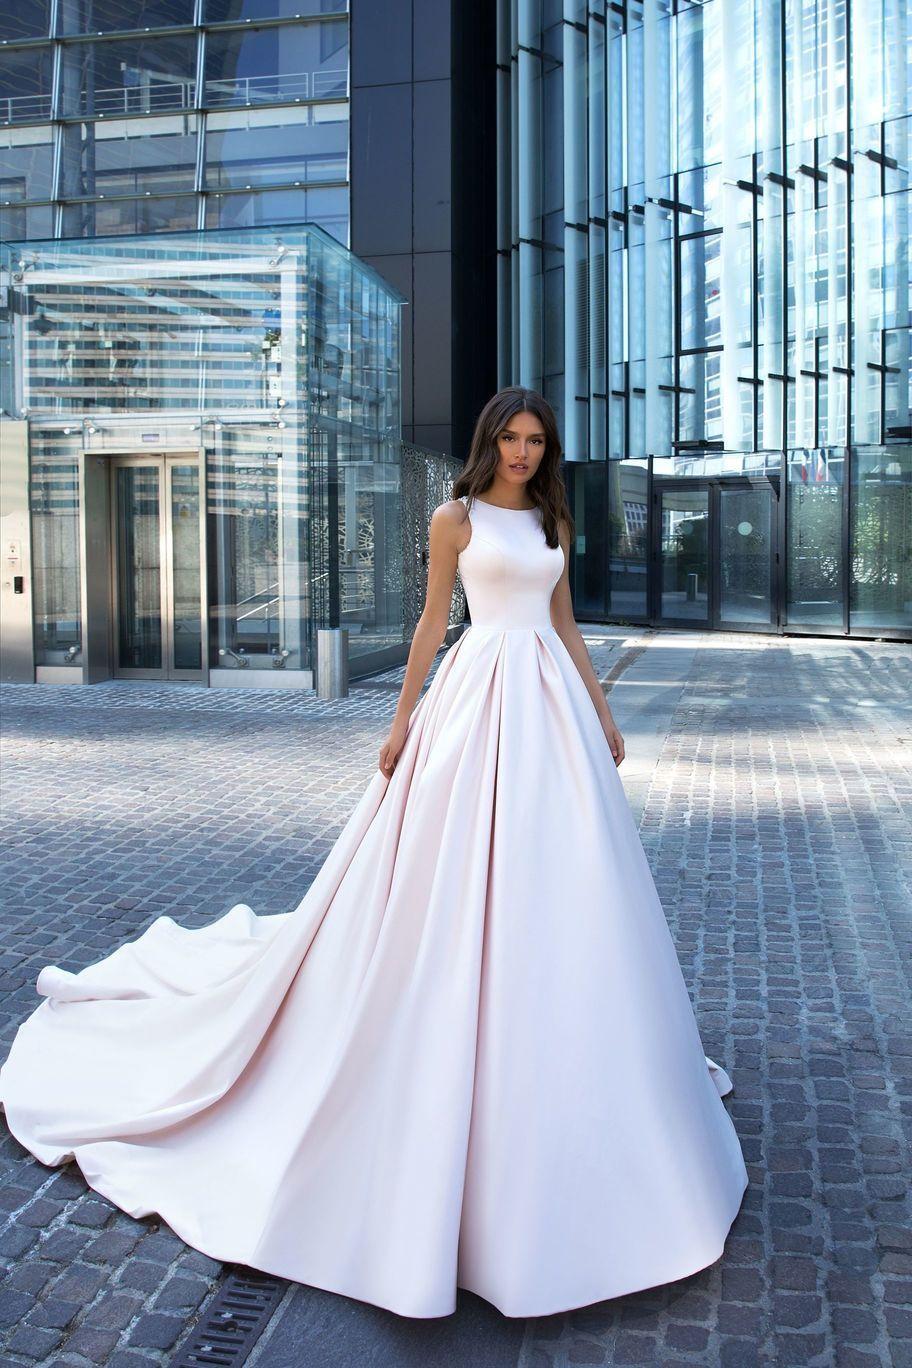 купить платье коллекция 2019